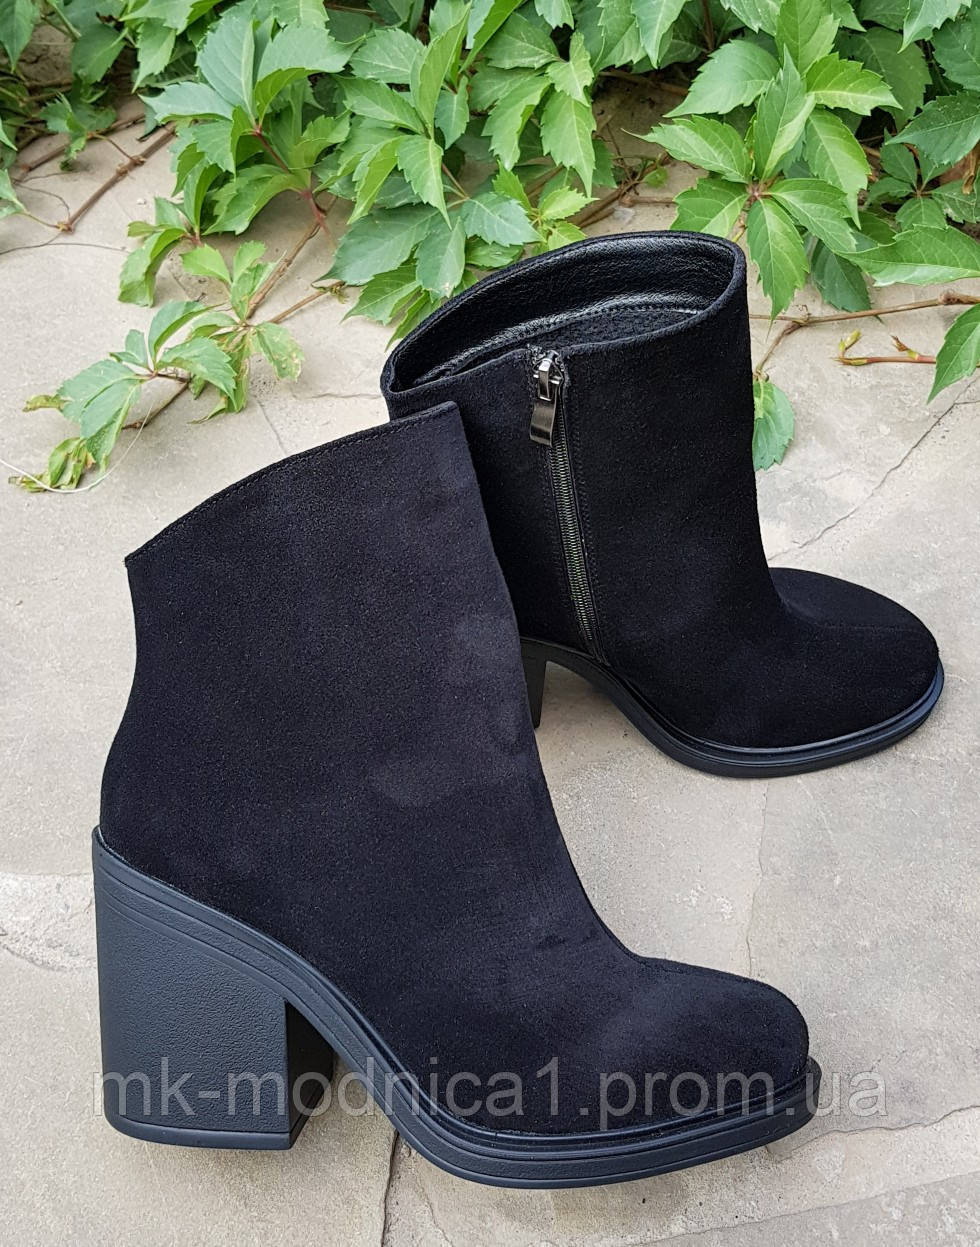 Ботинки Деми черные  замшевые натуральная кожа